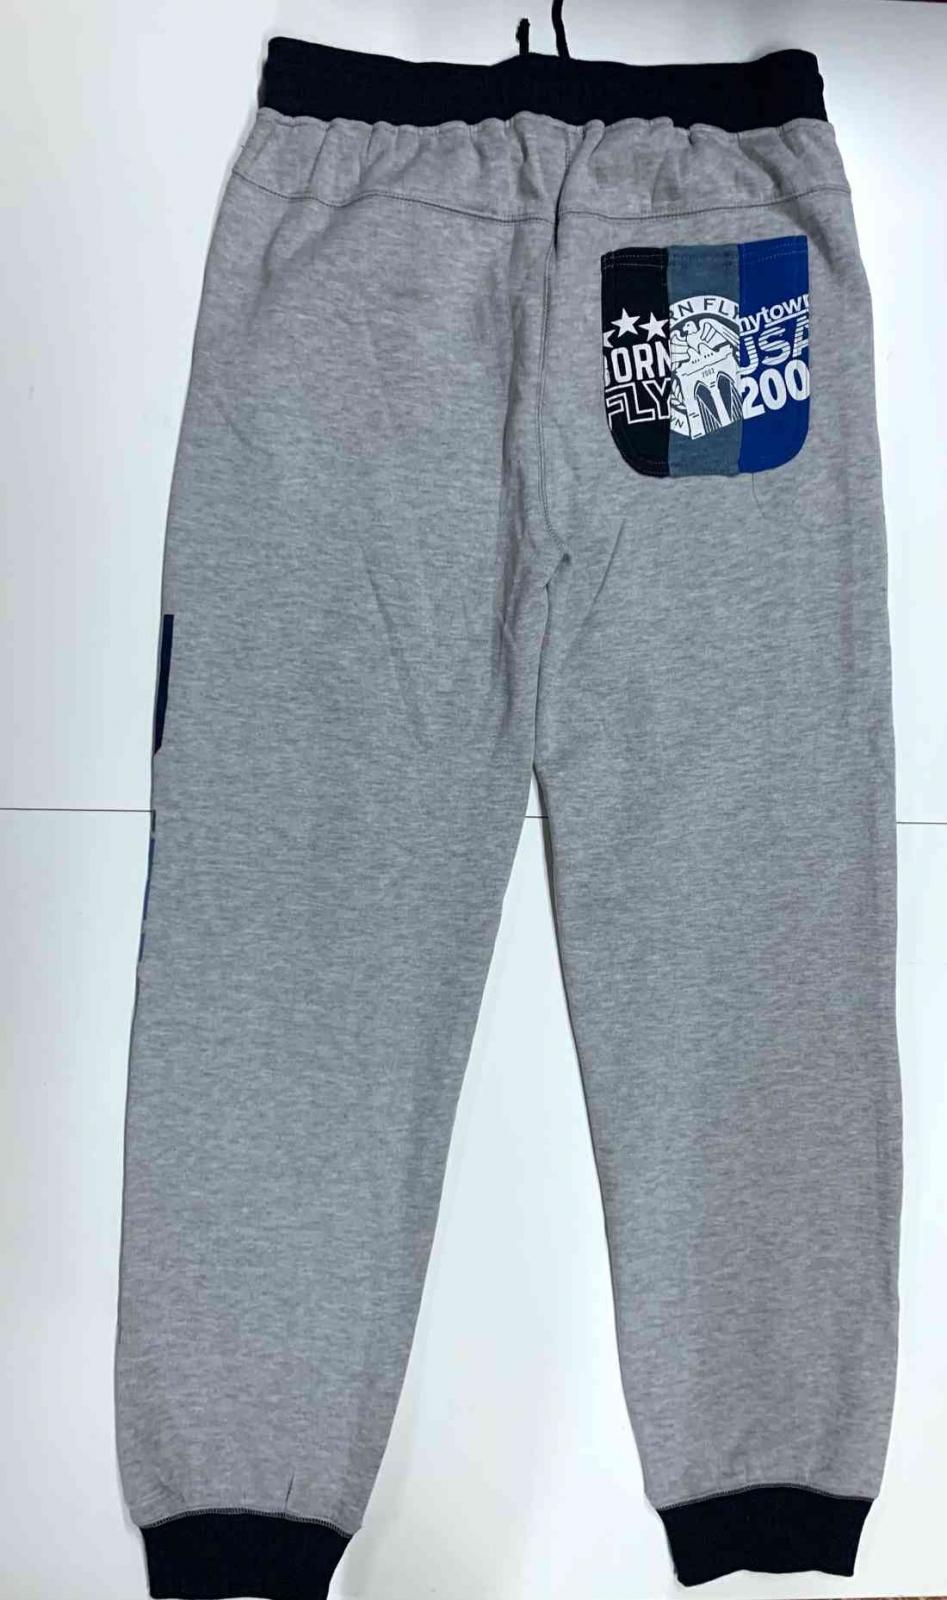 Молодёжные спортивные штаны BORN